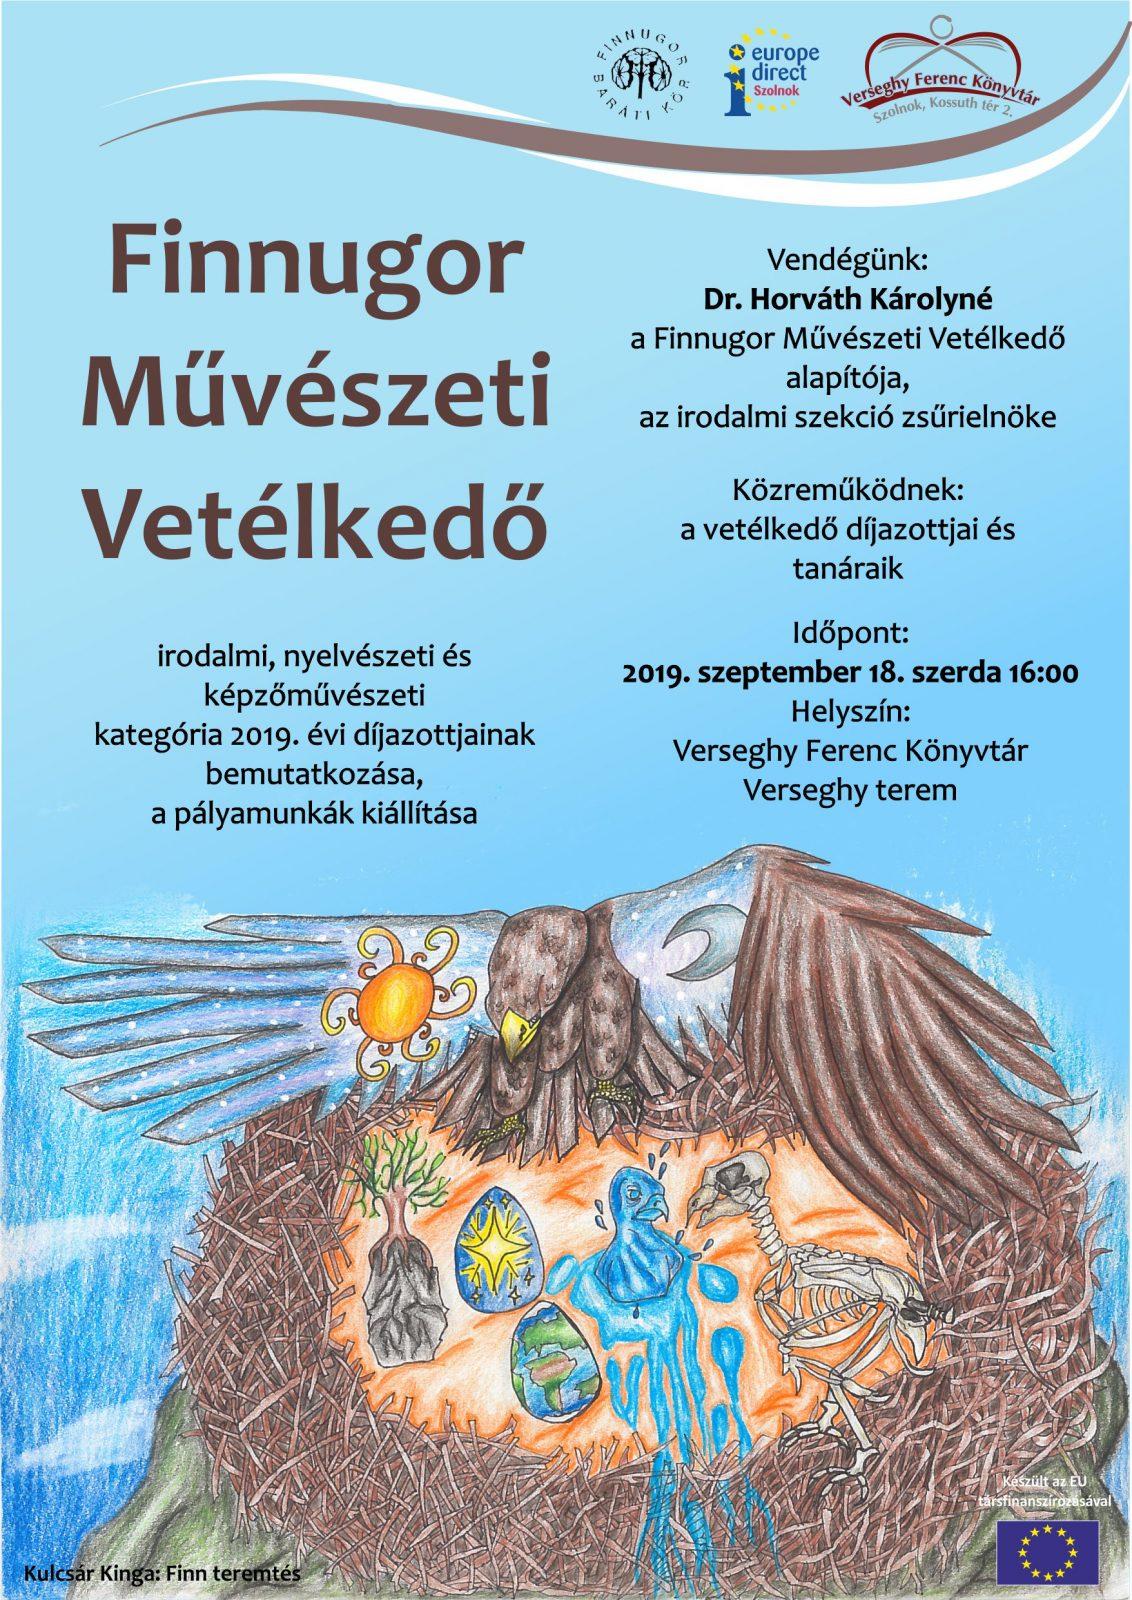 Finnugor művészeti vetélkedő 09.18.